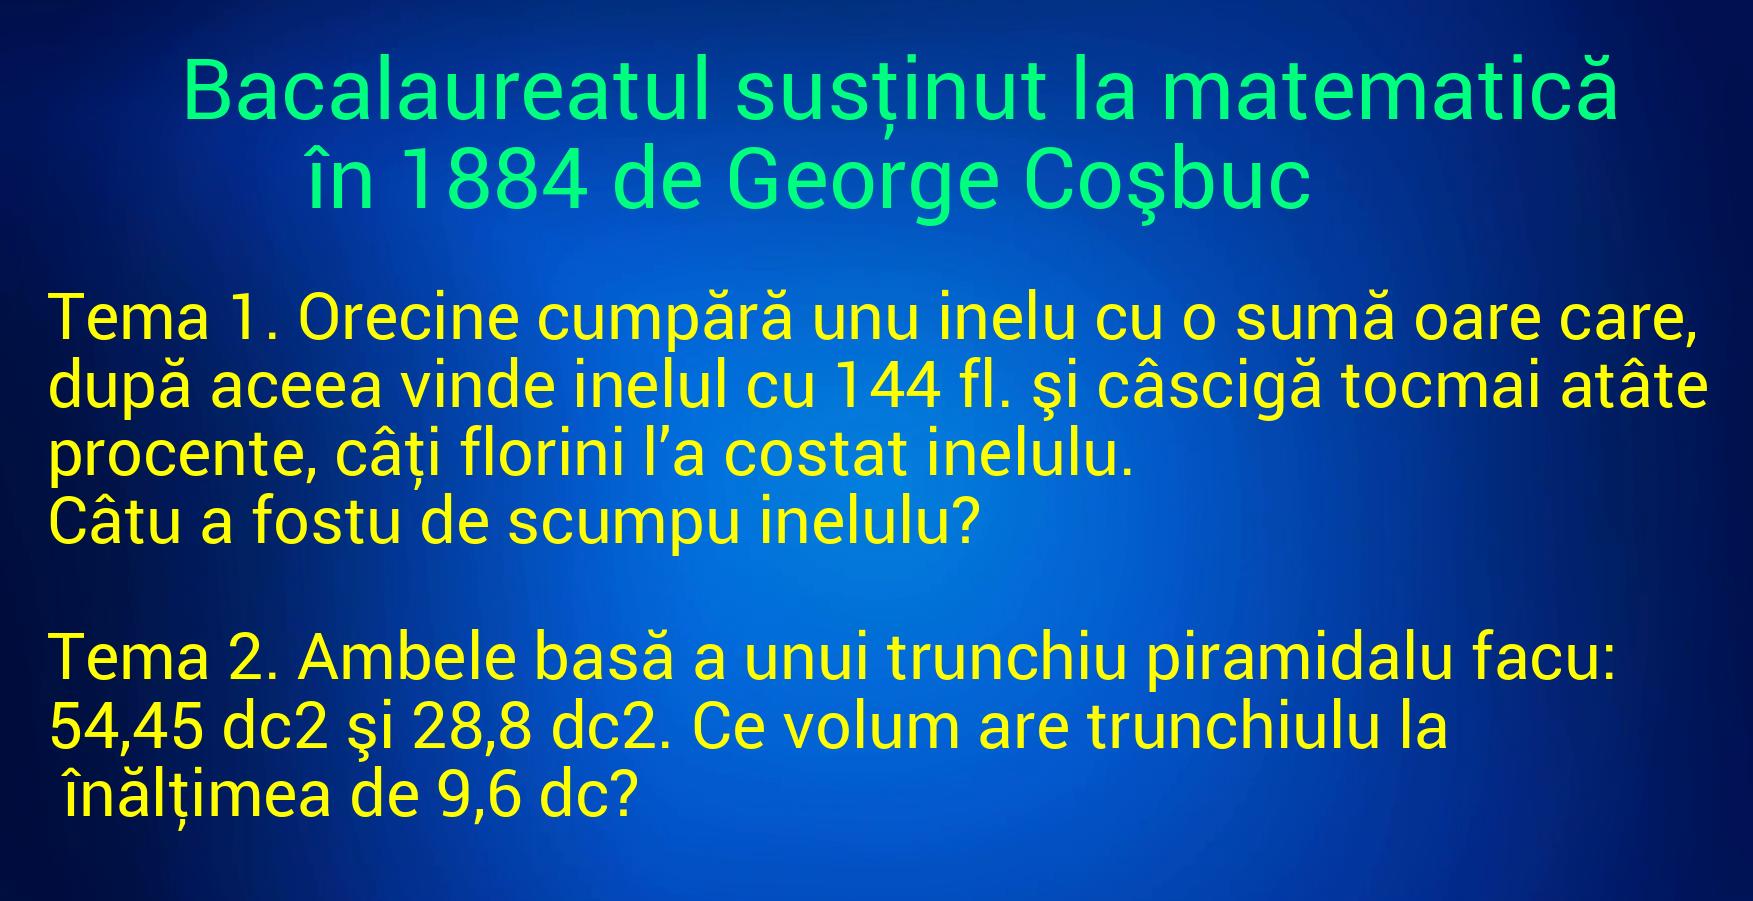 bac_Cosbuc